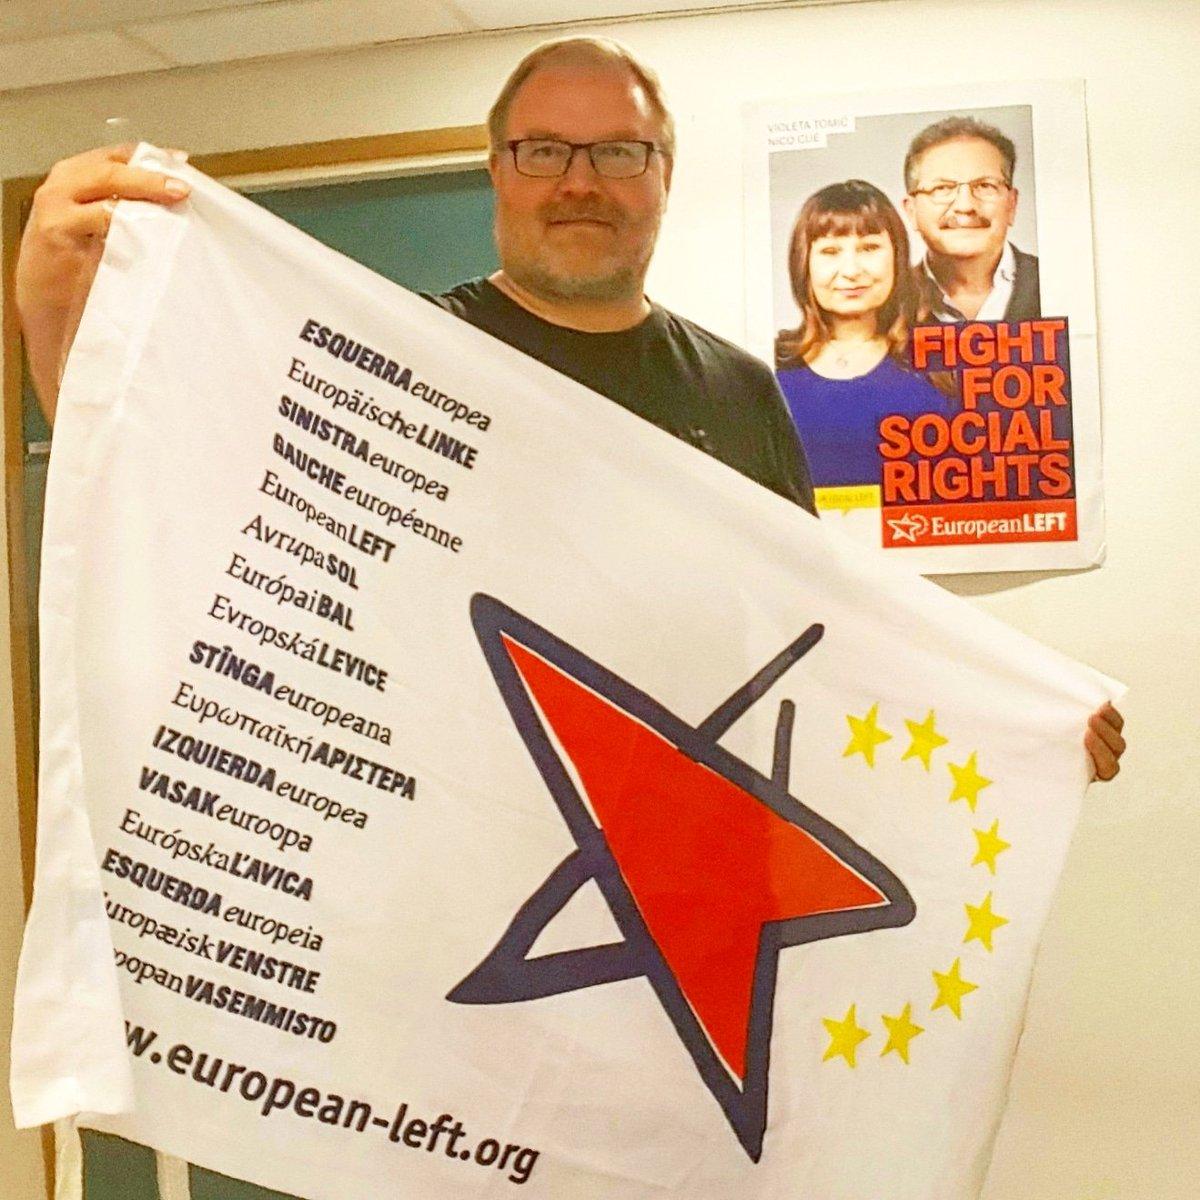 SKP:n #JPVäisänen vetoaa näkyvän vaalikirityksen aikaansaamiseksi. Väisäsen mielestä Euroopan vasemmiston kärkiehdokkaat #VioletaTomic ja #NicoCue inspiroivat mukaan politiikkaan ja kansalaisyhteiskunnan vaikuttamistyöhön. #EuropeanLeft #SKP #TyöväenEurooppa #EUvaalit2019